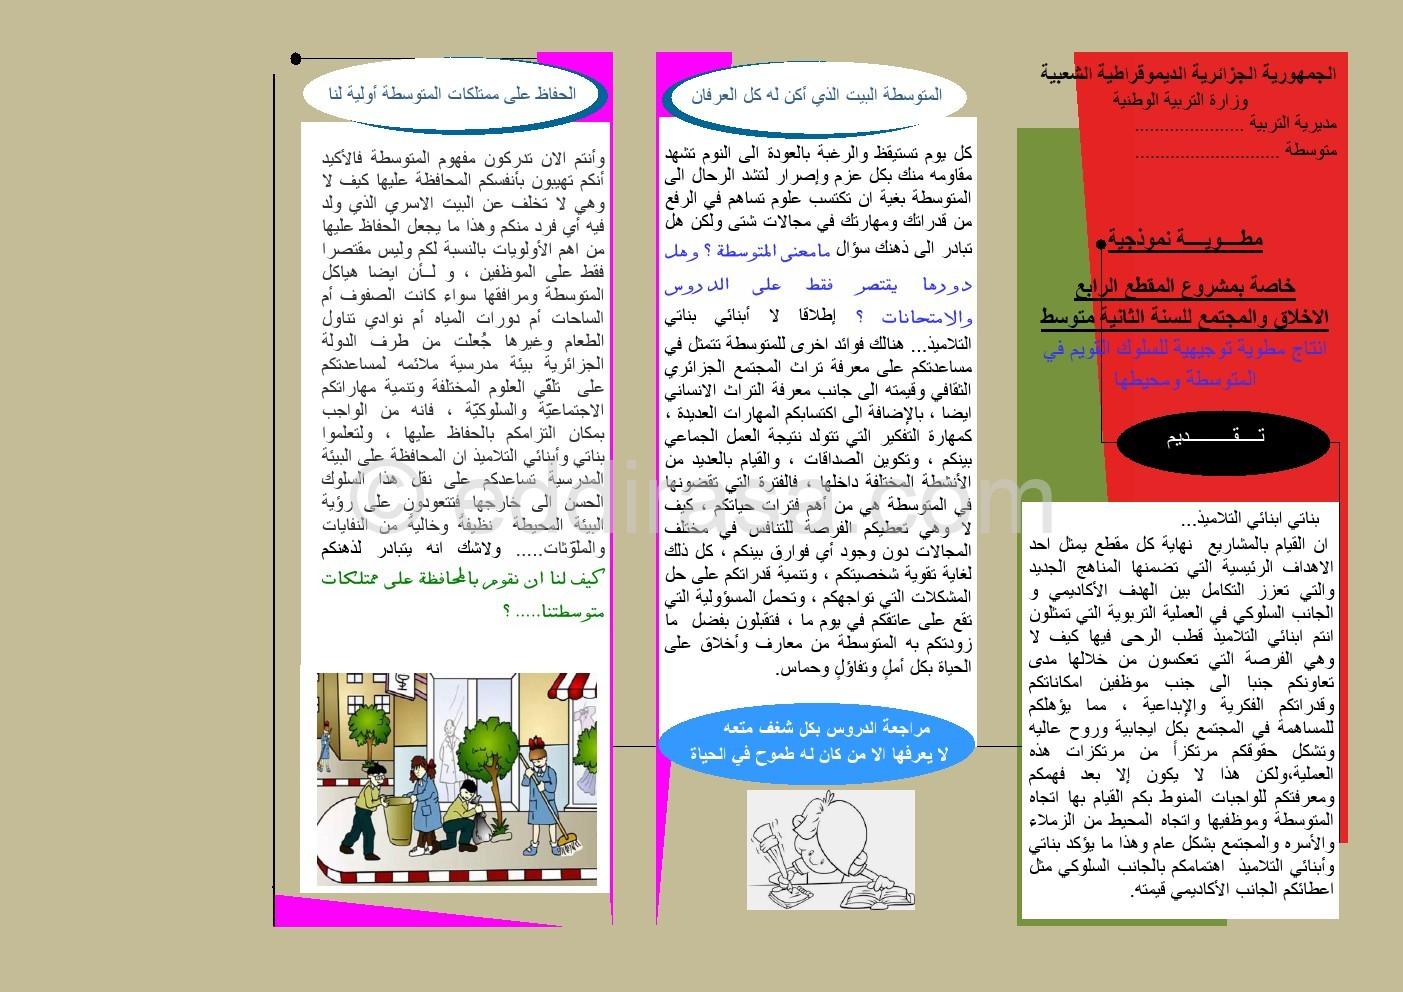 مطويات جديدة عن السلوك الايجابي Flashmode Arabia مقالات تعليمية مجانية معلومات ثقافية عامة موسوعة شاملة